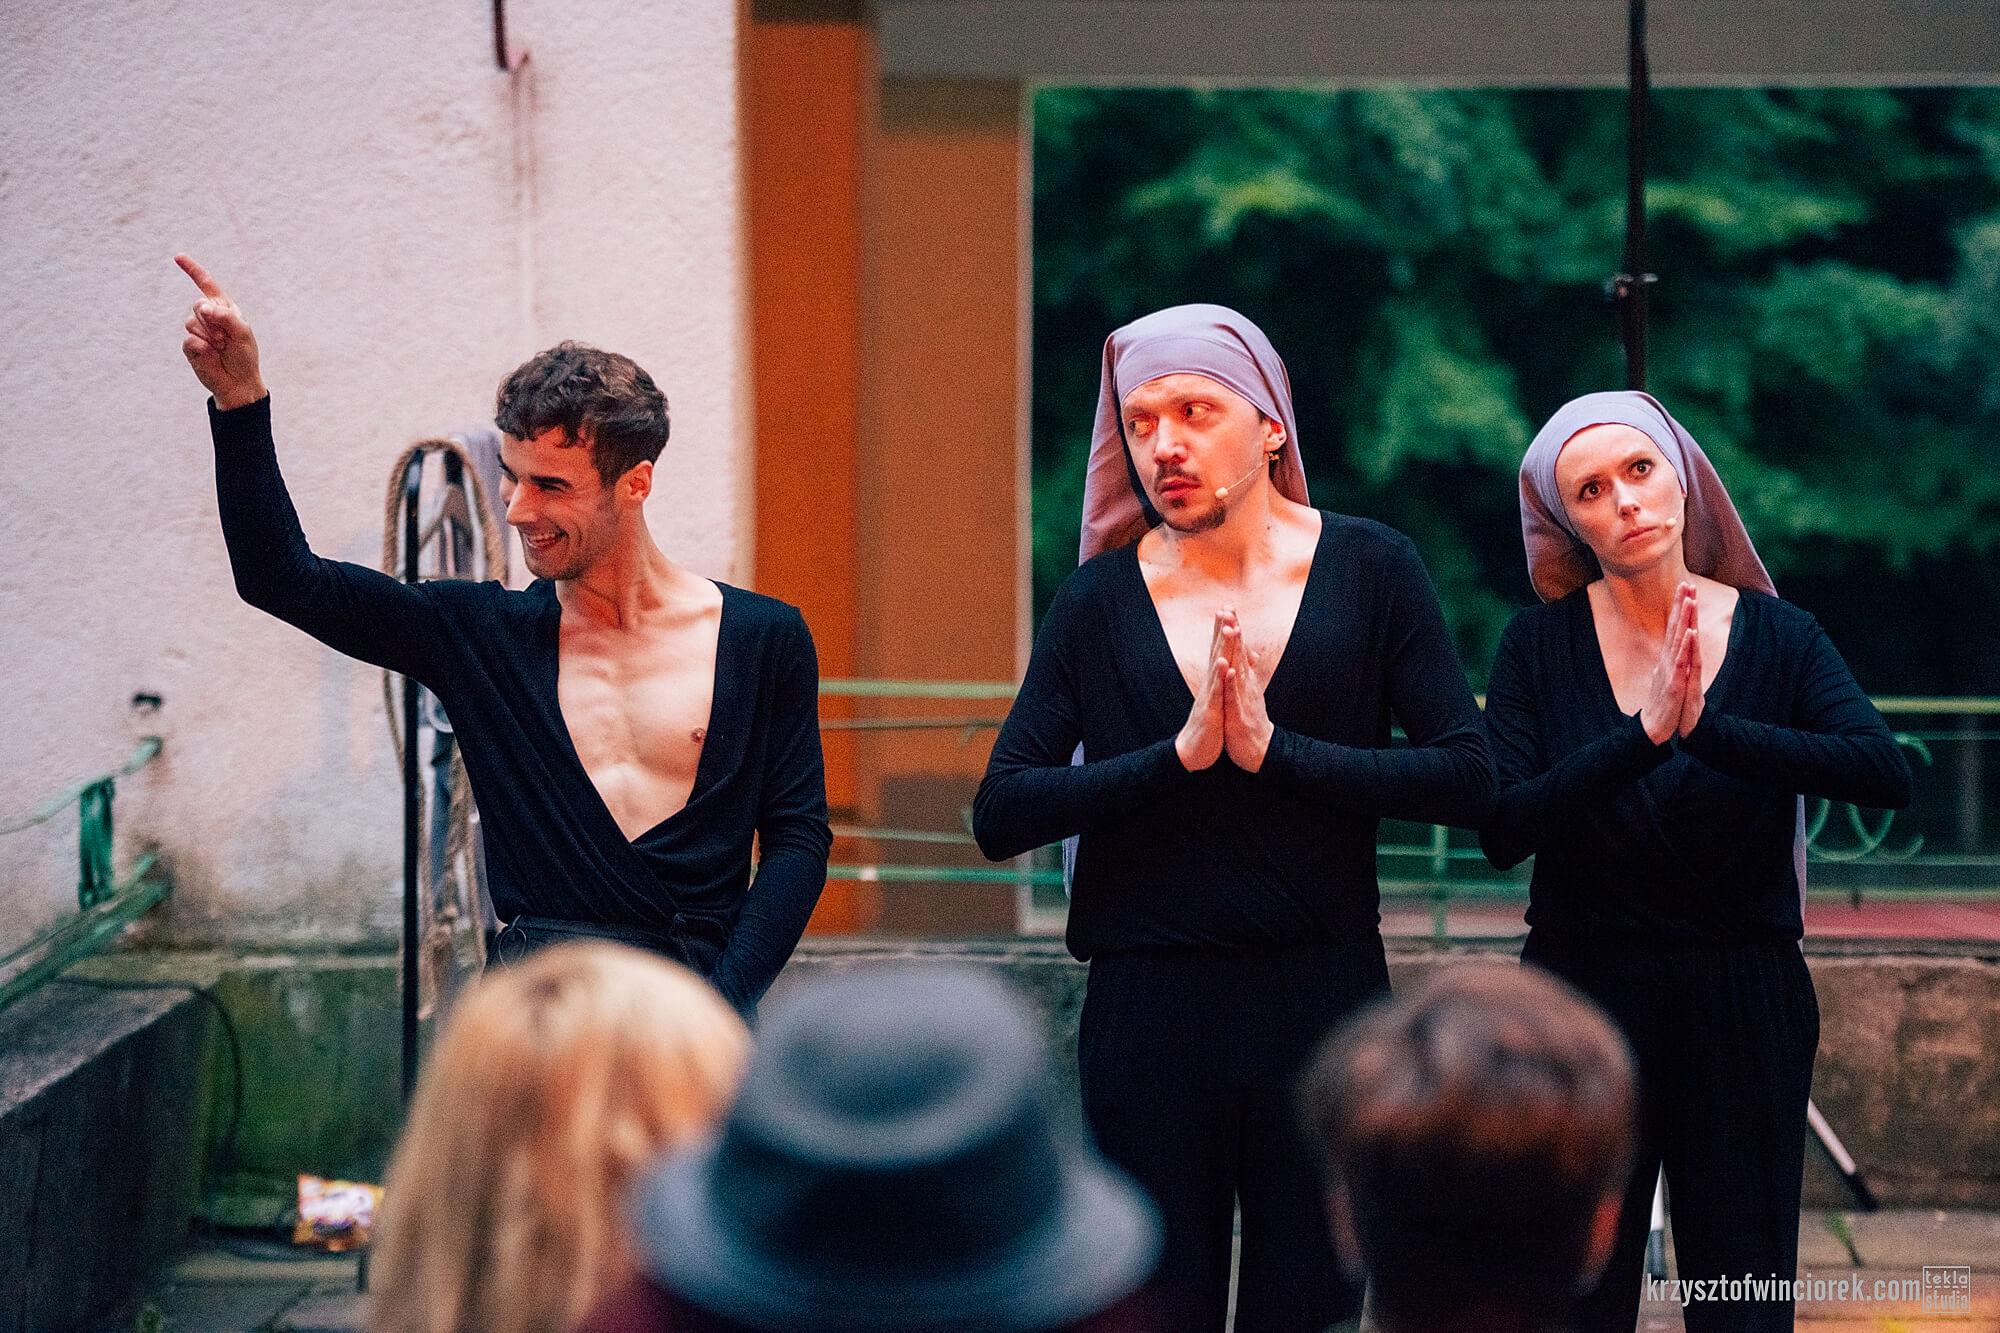 Zdjęcie z festiwalu Pociąg do miasta. Trójka aktorów. Po prawo aktor i aktorka przebrani za zakonnice z rekoma złozonymi przed sobą. Po lewo aktor z uniesiona reką.